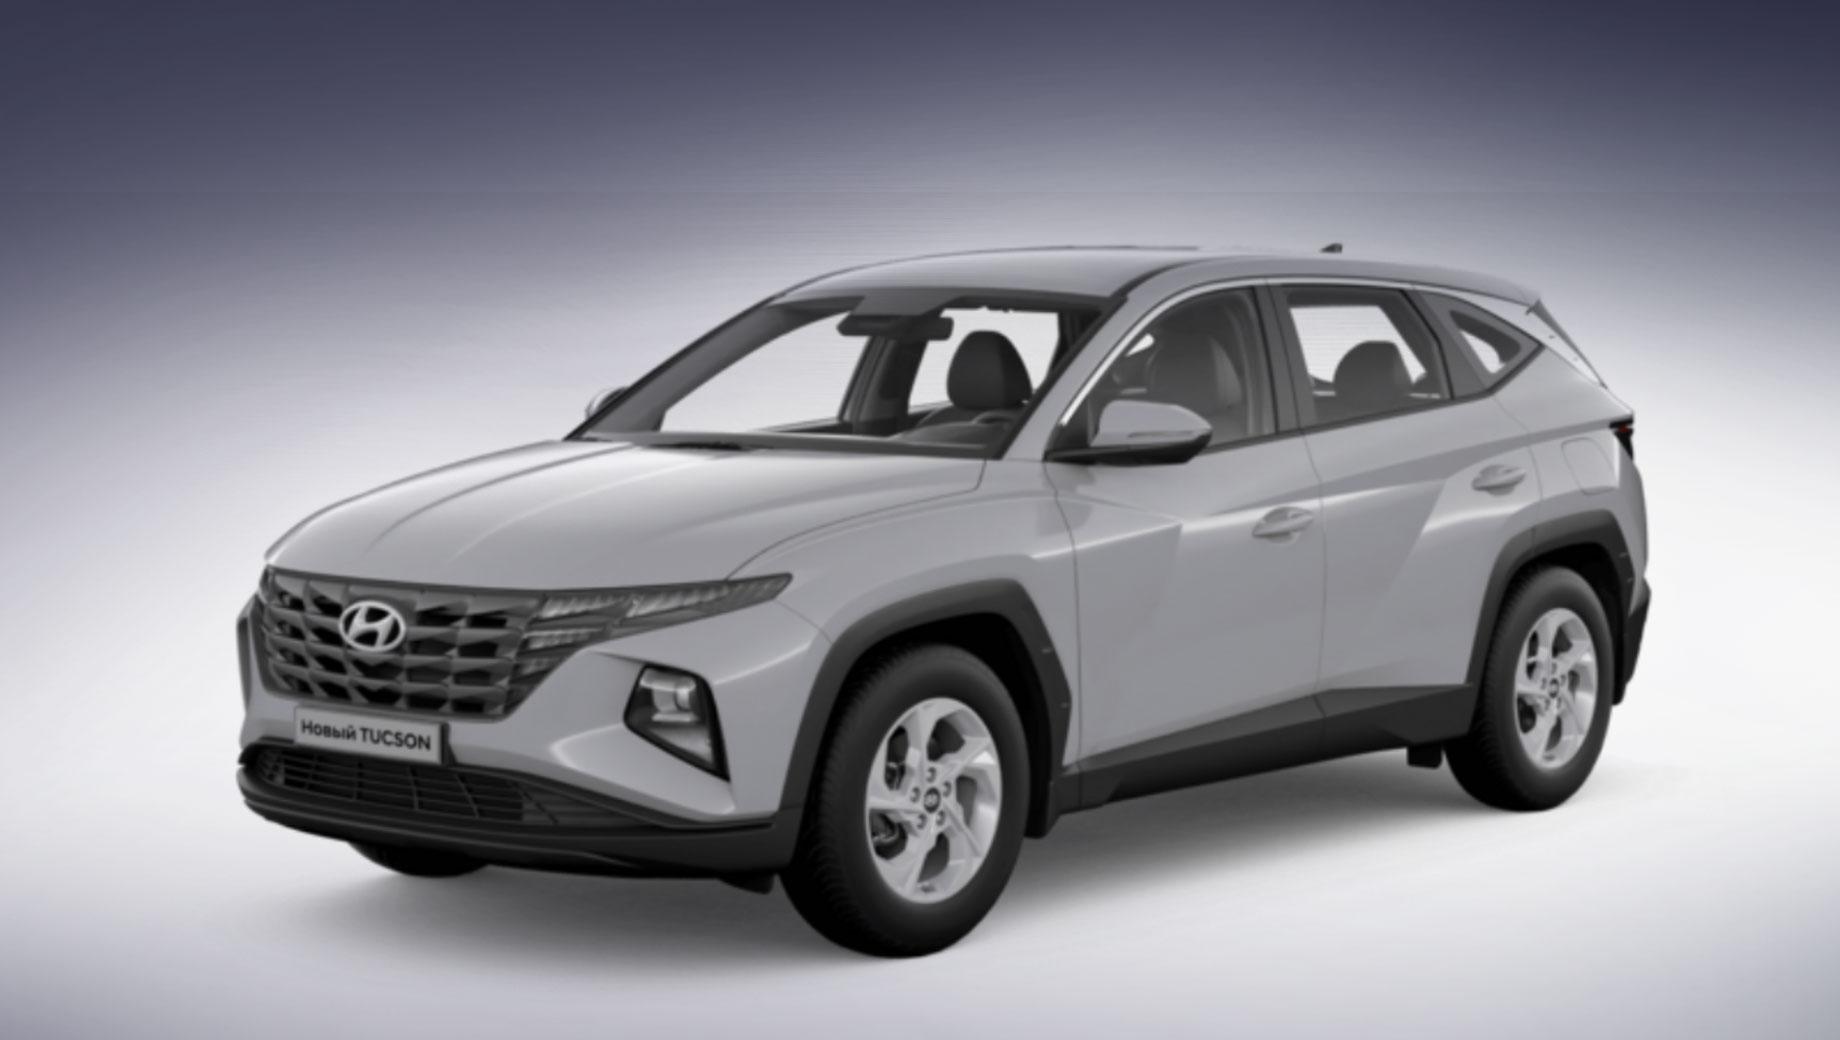 Hyundai tucson. Это стартовый Tucson из конфигуратора «Хёндэ Мотор СНГ». Бесплатным стал только белый цвет кузова, а «металлик», «перламутр» и «перламутровый металлик» (всего восемь вариантов) требуют доплату в 18 000 рублей. Легкосплавные диски идут с шинами размерности 235/65 R17.